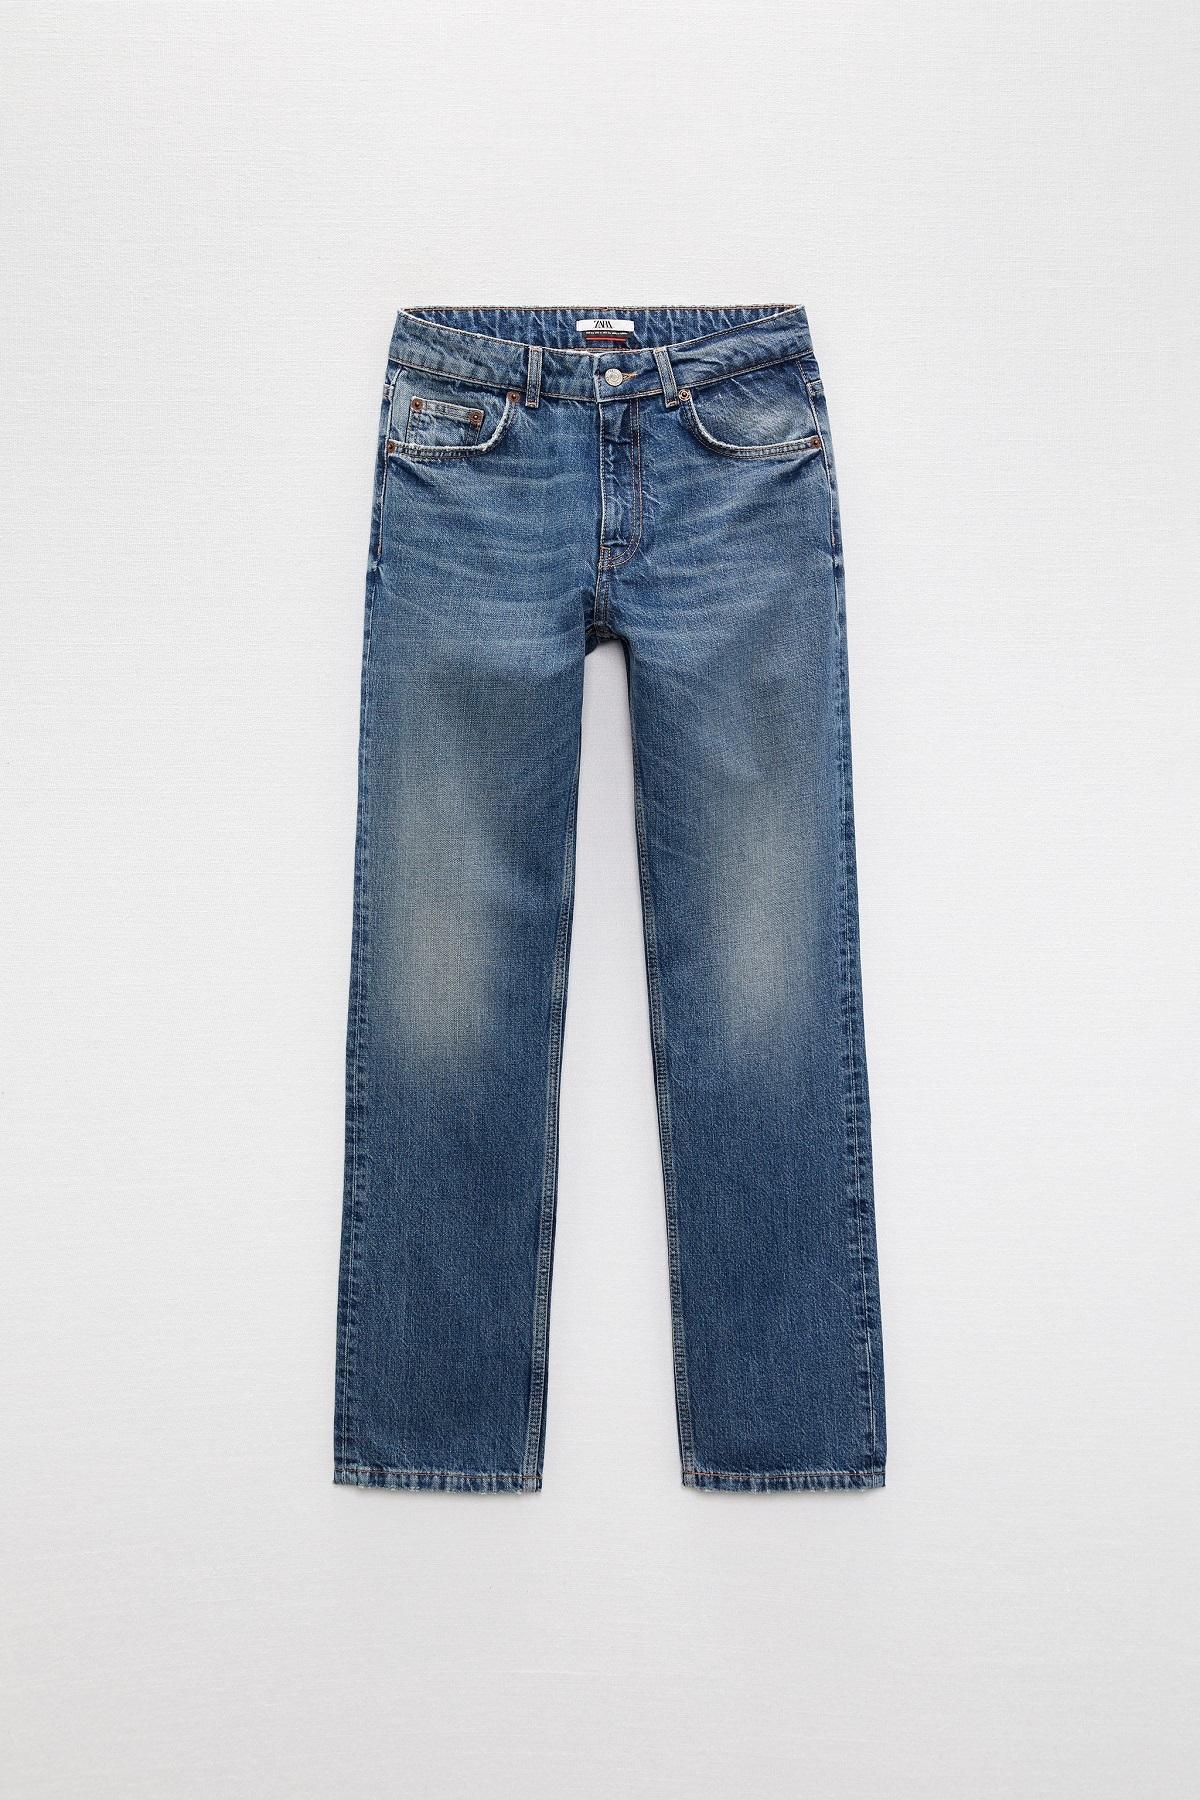 Los jeans rectos favoritos de Charlotte Gainsbourg.